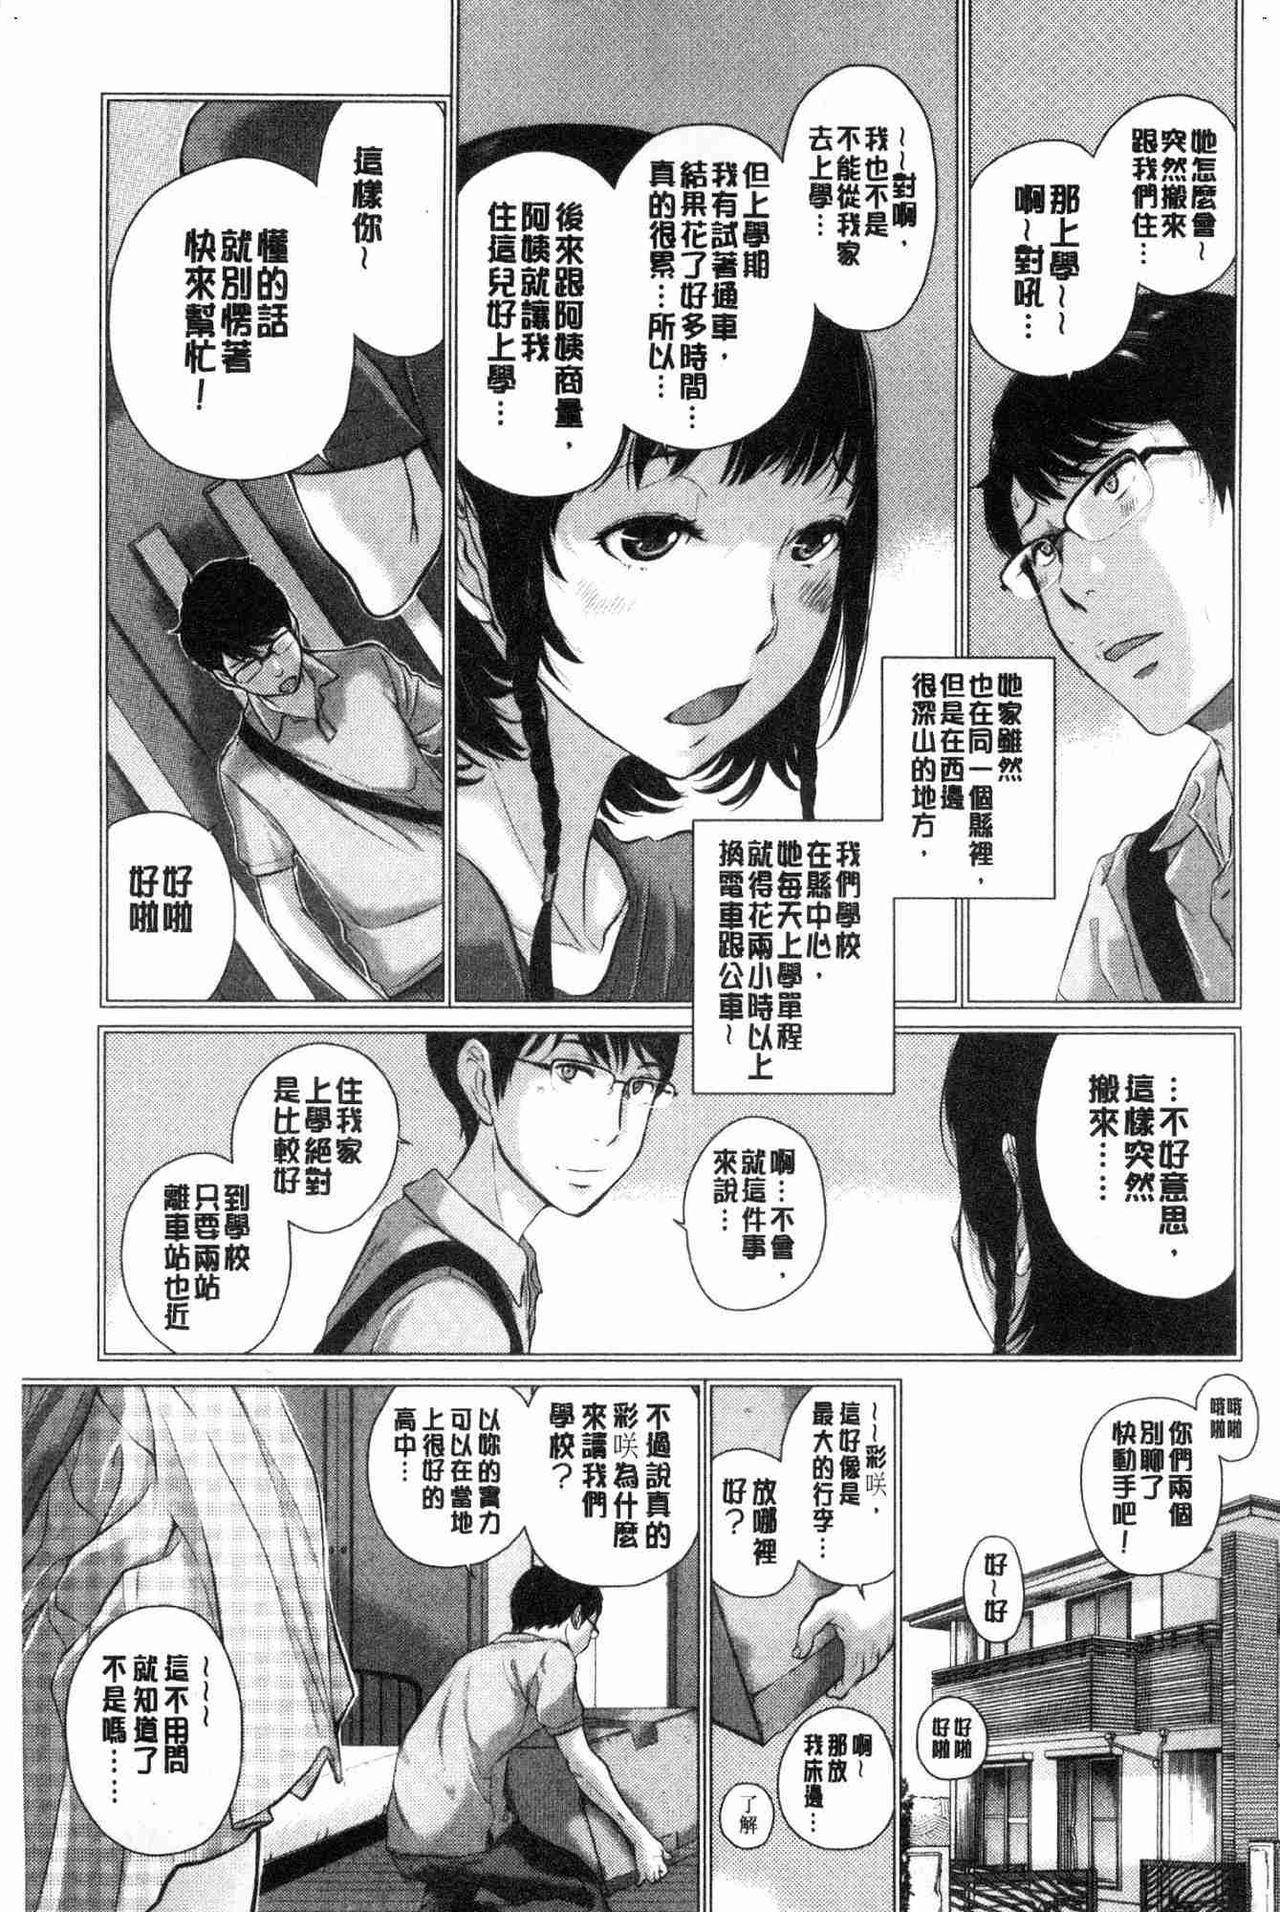 [Harazaki Takuma] Seifuku Shijou Shugi -Natsu- - Uniforms supremacy [Chinese] 9